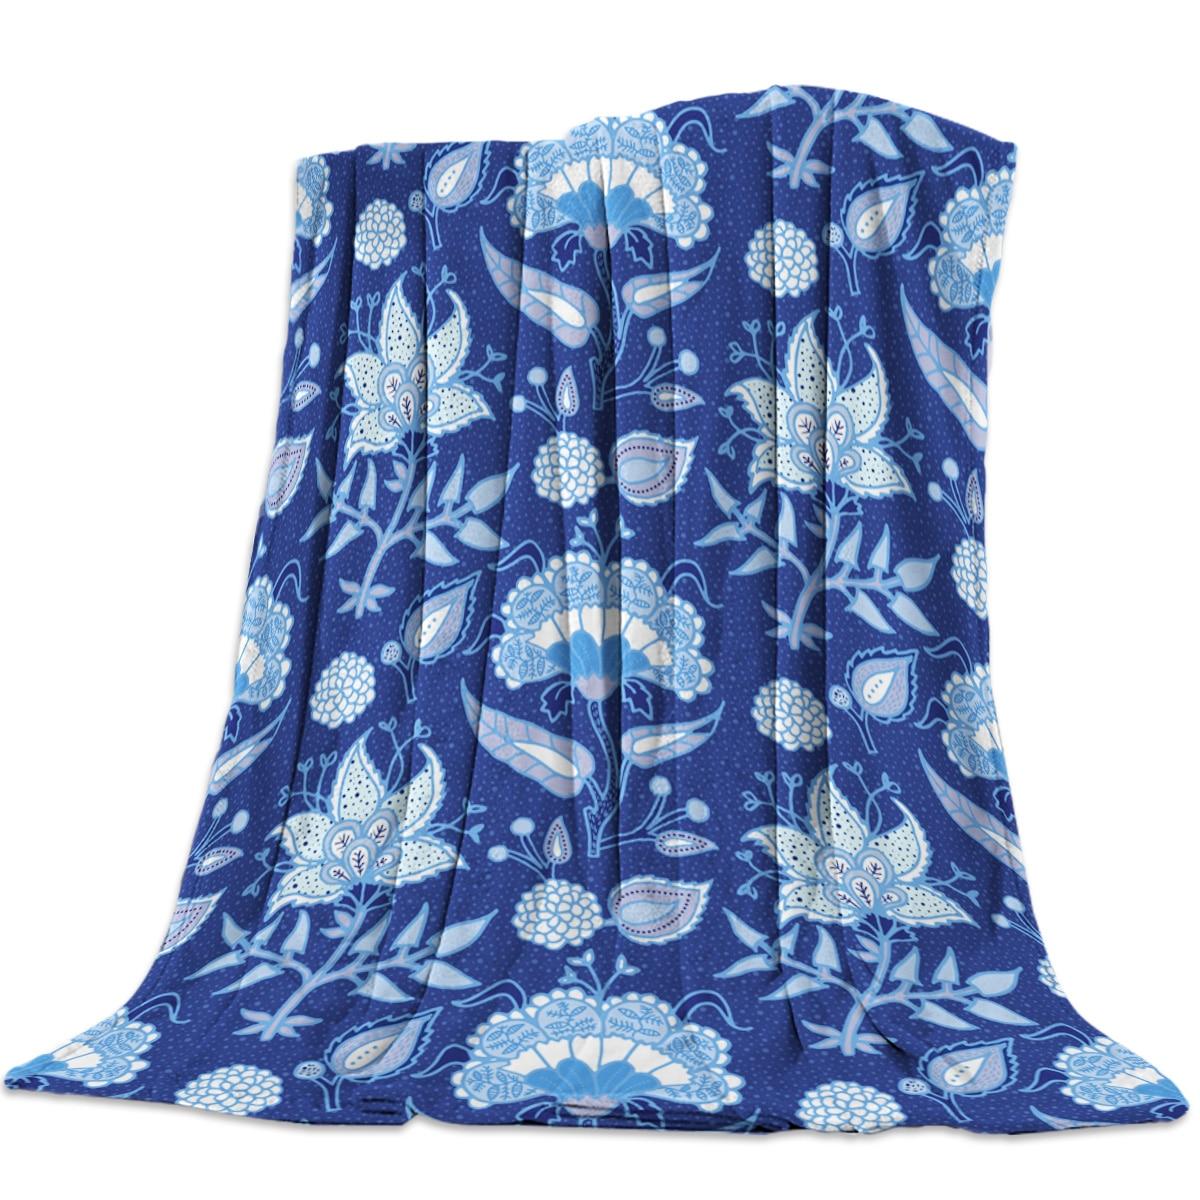 Estilo étnico Tie-Dye flor índigo impreso franela manta suave manta lavable a máquina mantas para camas